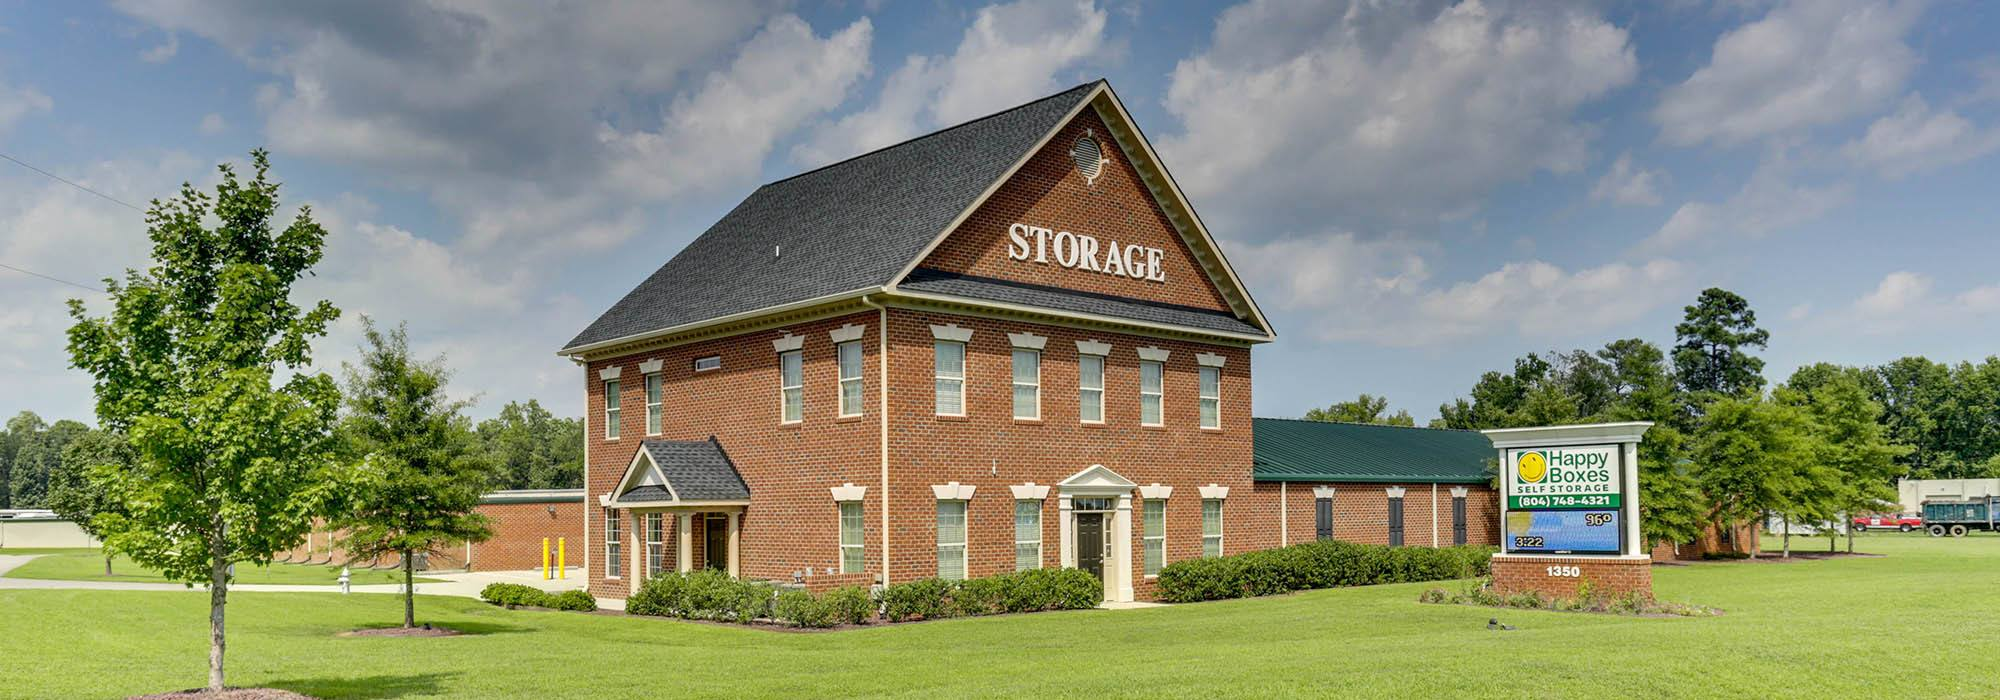 Self storage in Chester VA